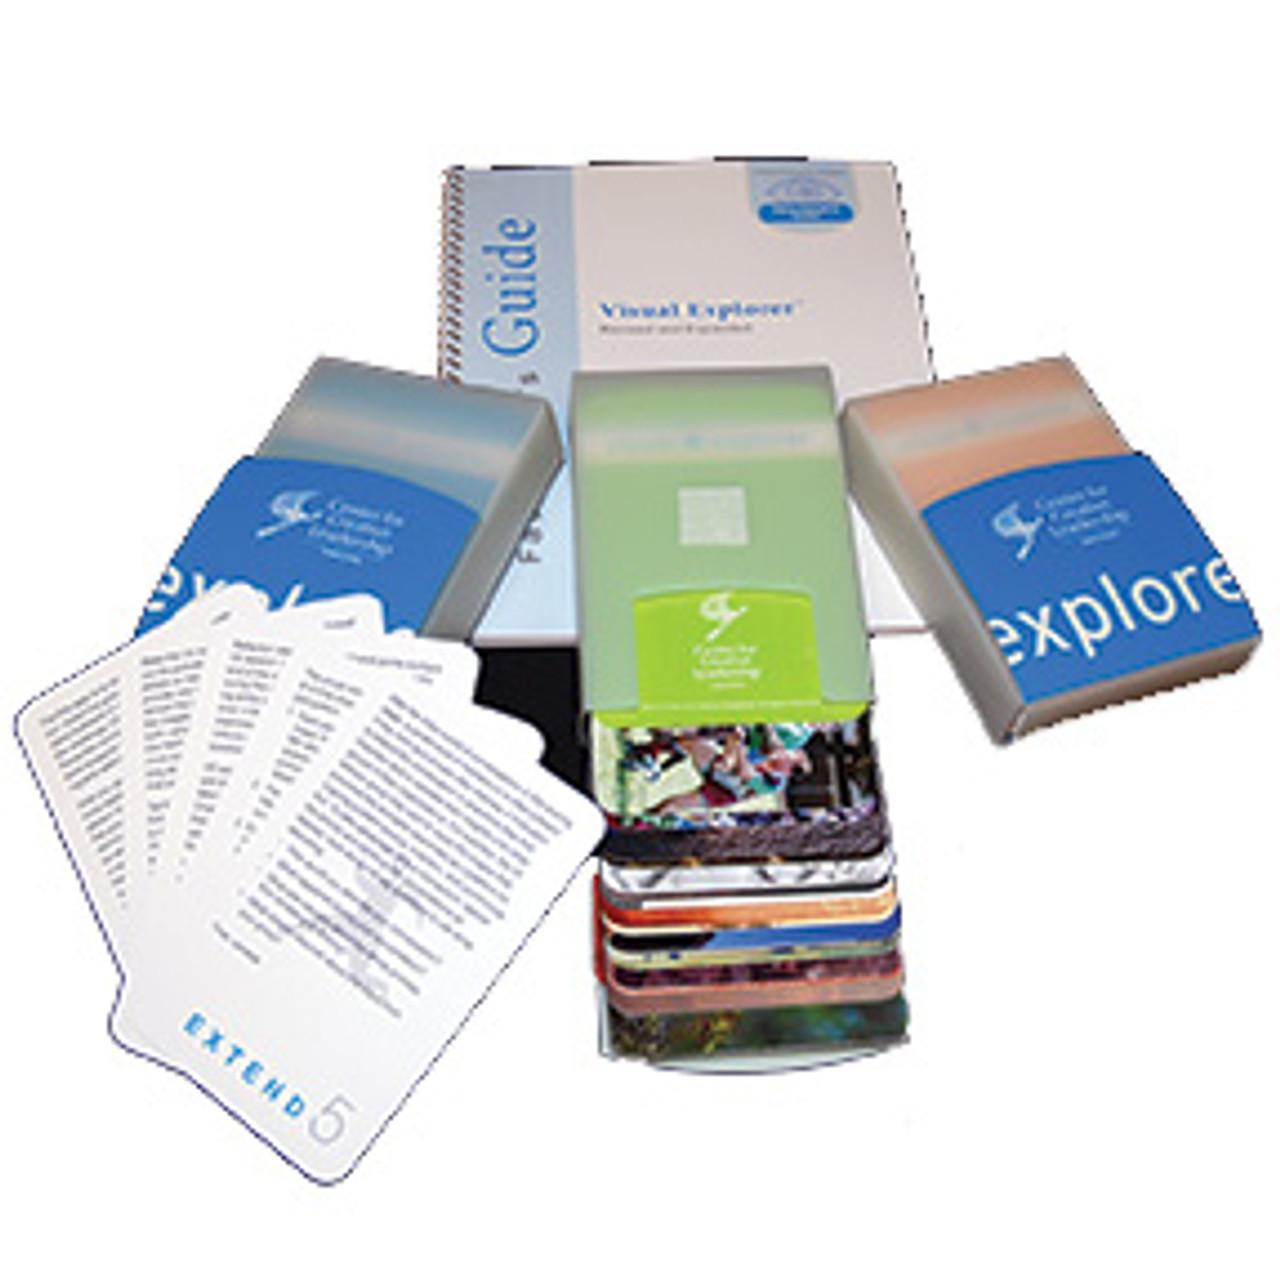 Visual Explorer Kit